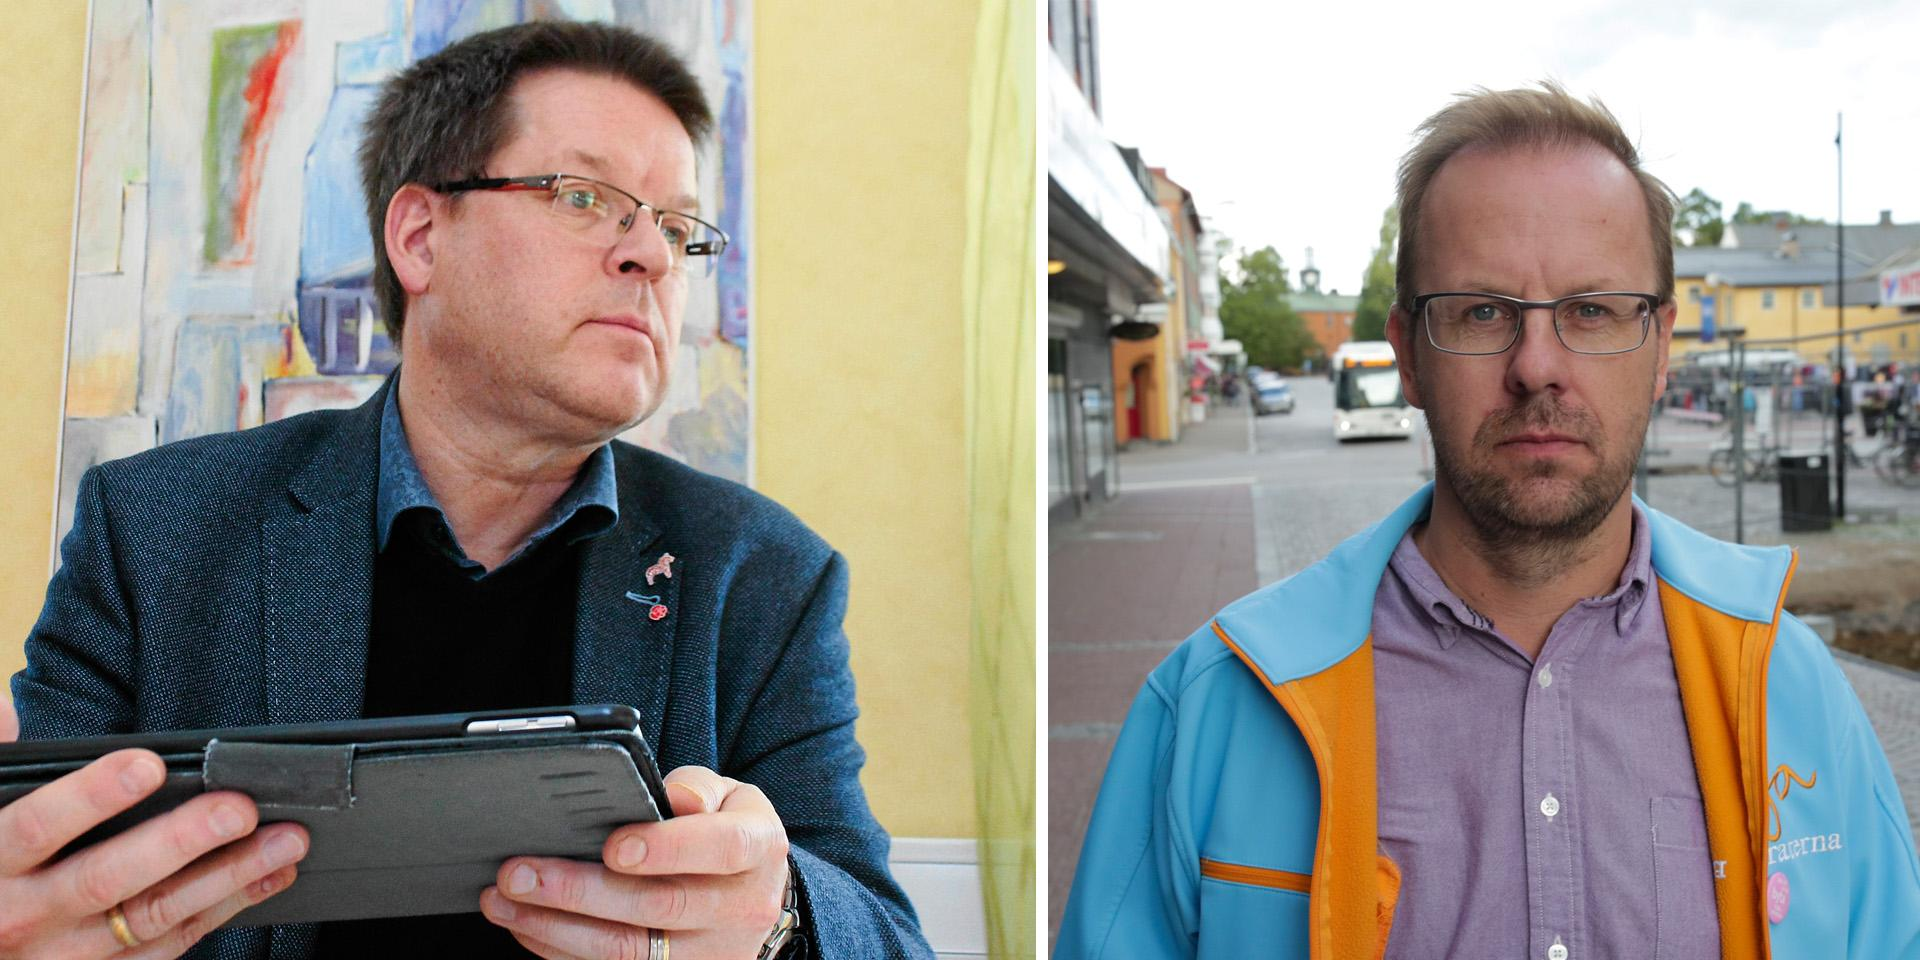 Håge Perssons Moderaterna kommer styra Ludvika tillsammans med bland annat Leif Petterssons Socialdemokraterna. Bilden är ett montage.